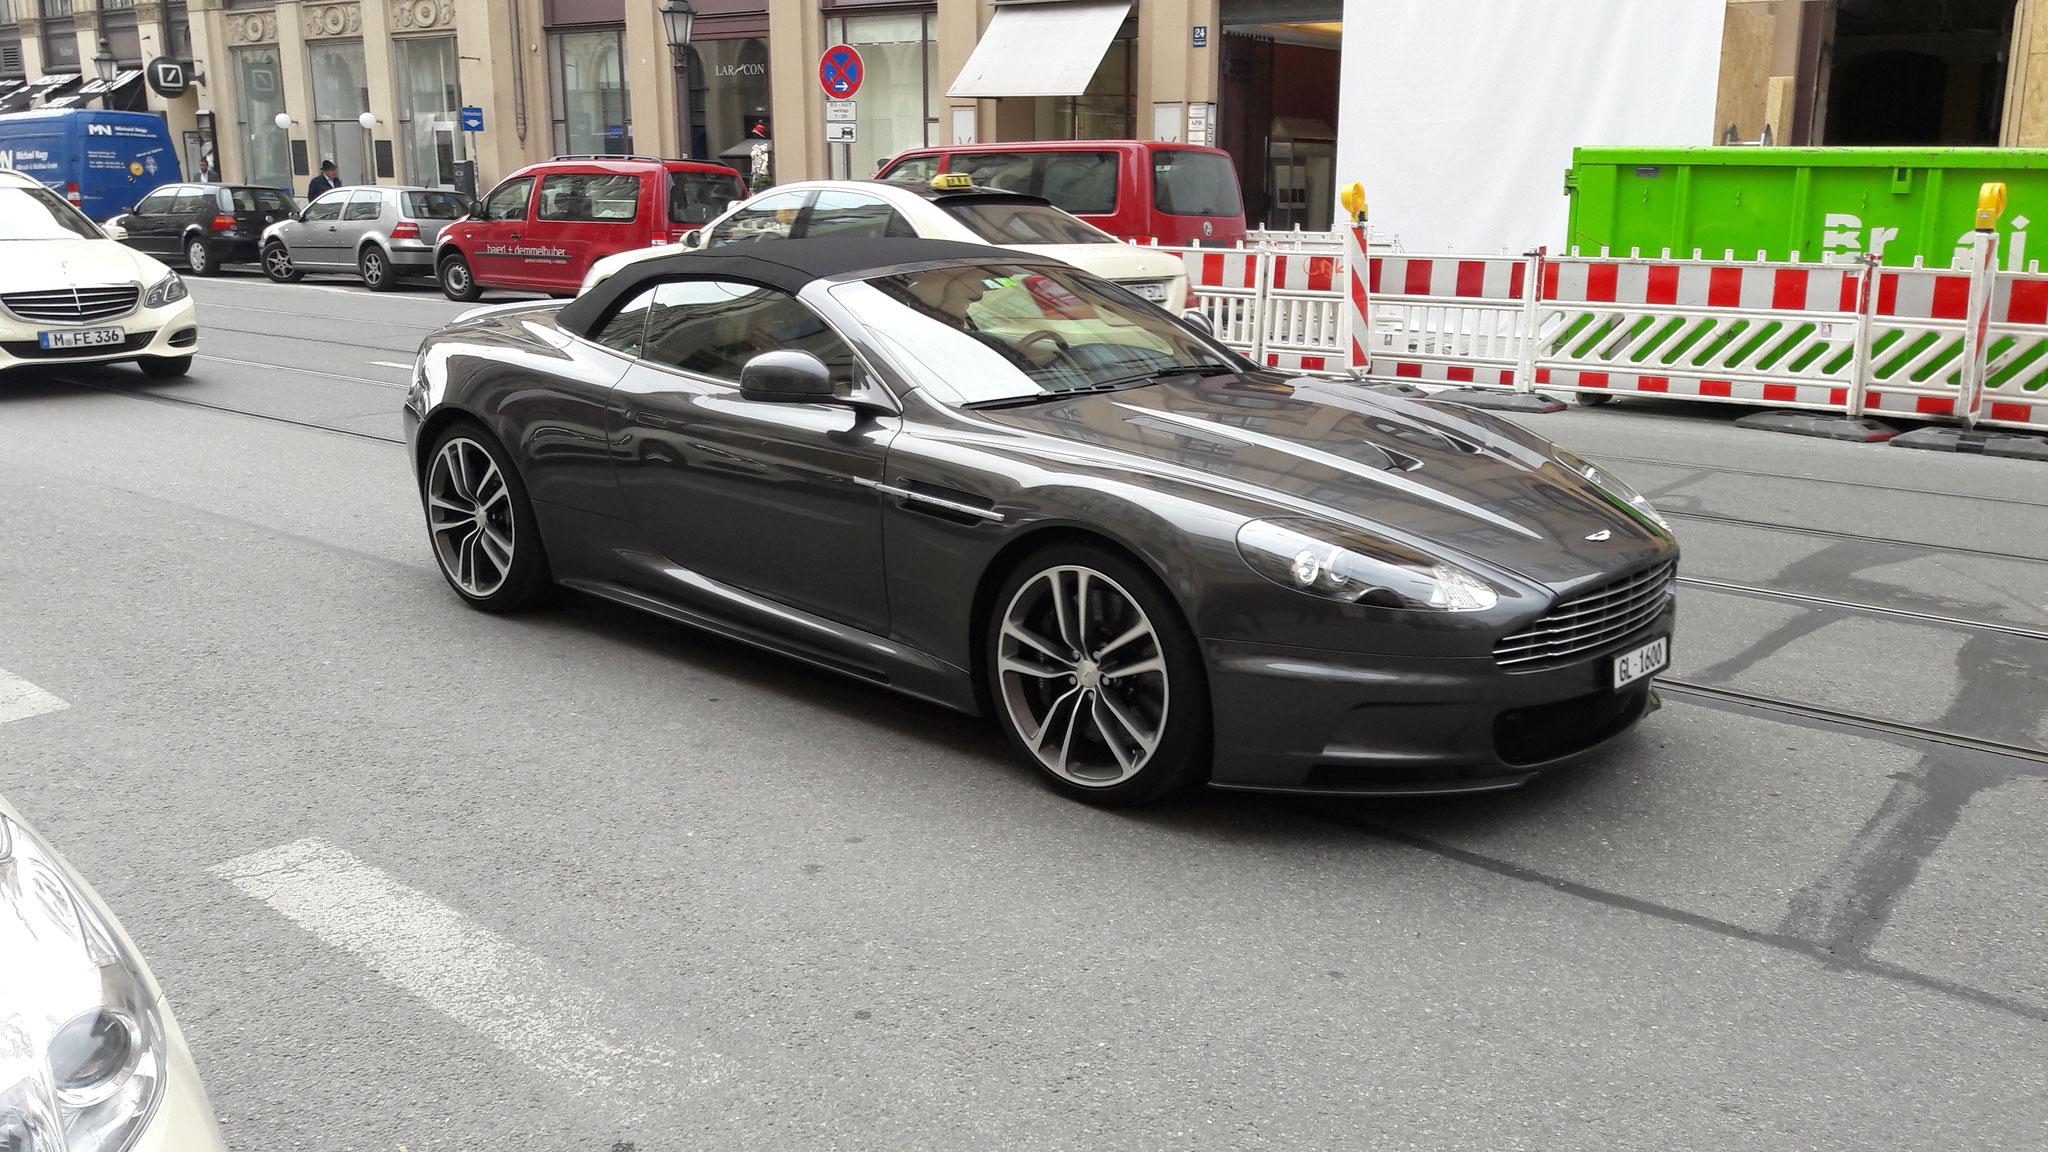 Aston Martin DBS Volante - GL-1600 (CH)